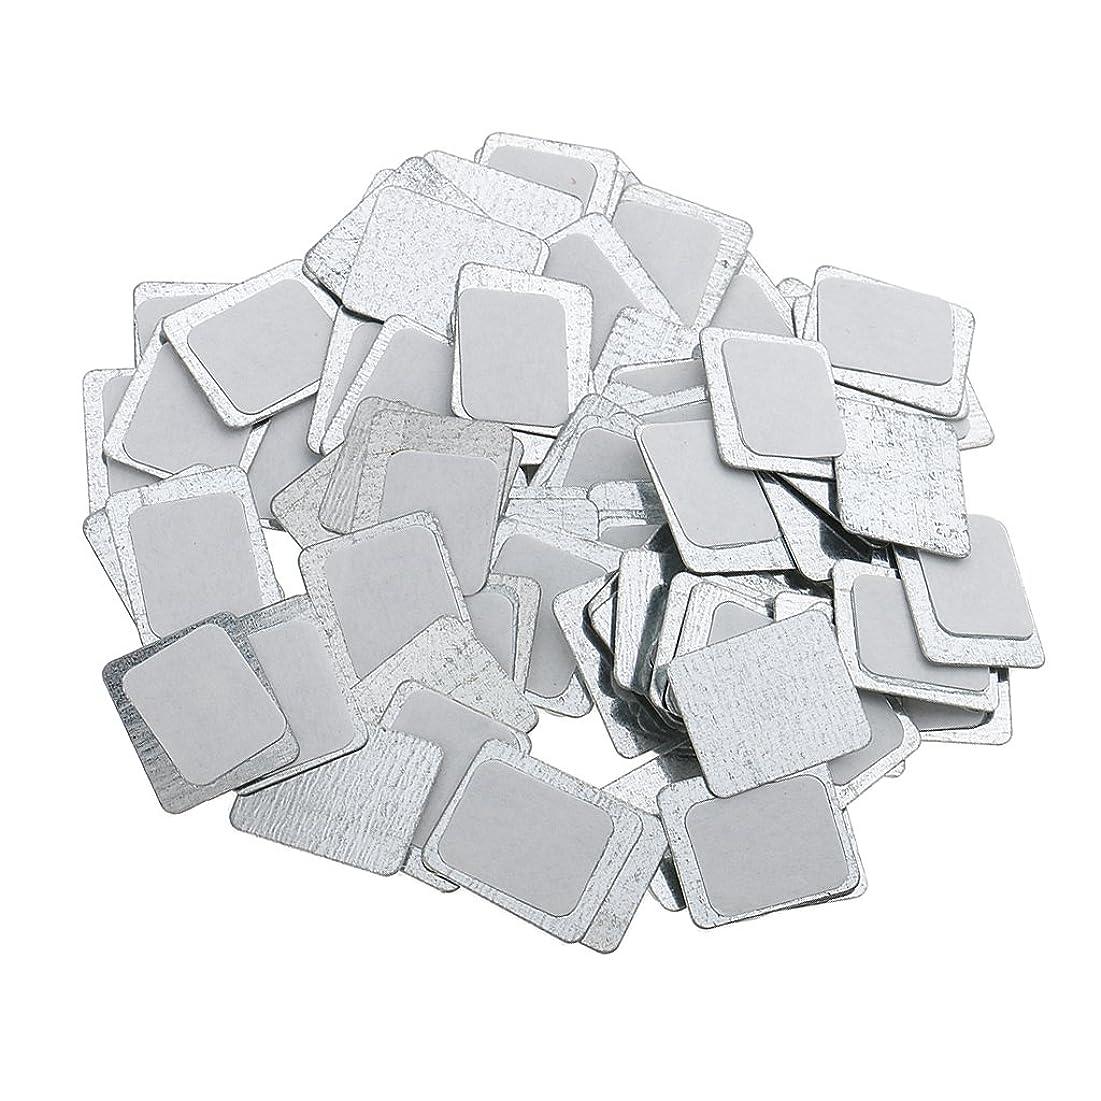 悲劇的な書店散髪Kesoto 約100個 メイクアップパン 空パン アイシャドー ブラッシュ メイクアップ 磁気パレットボックスケース 2タイプ選べ - スクエア